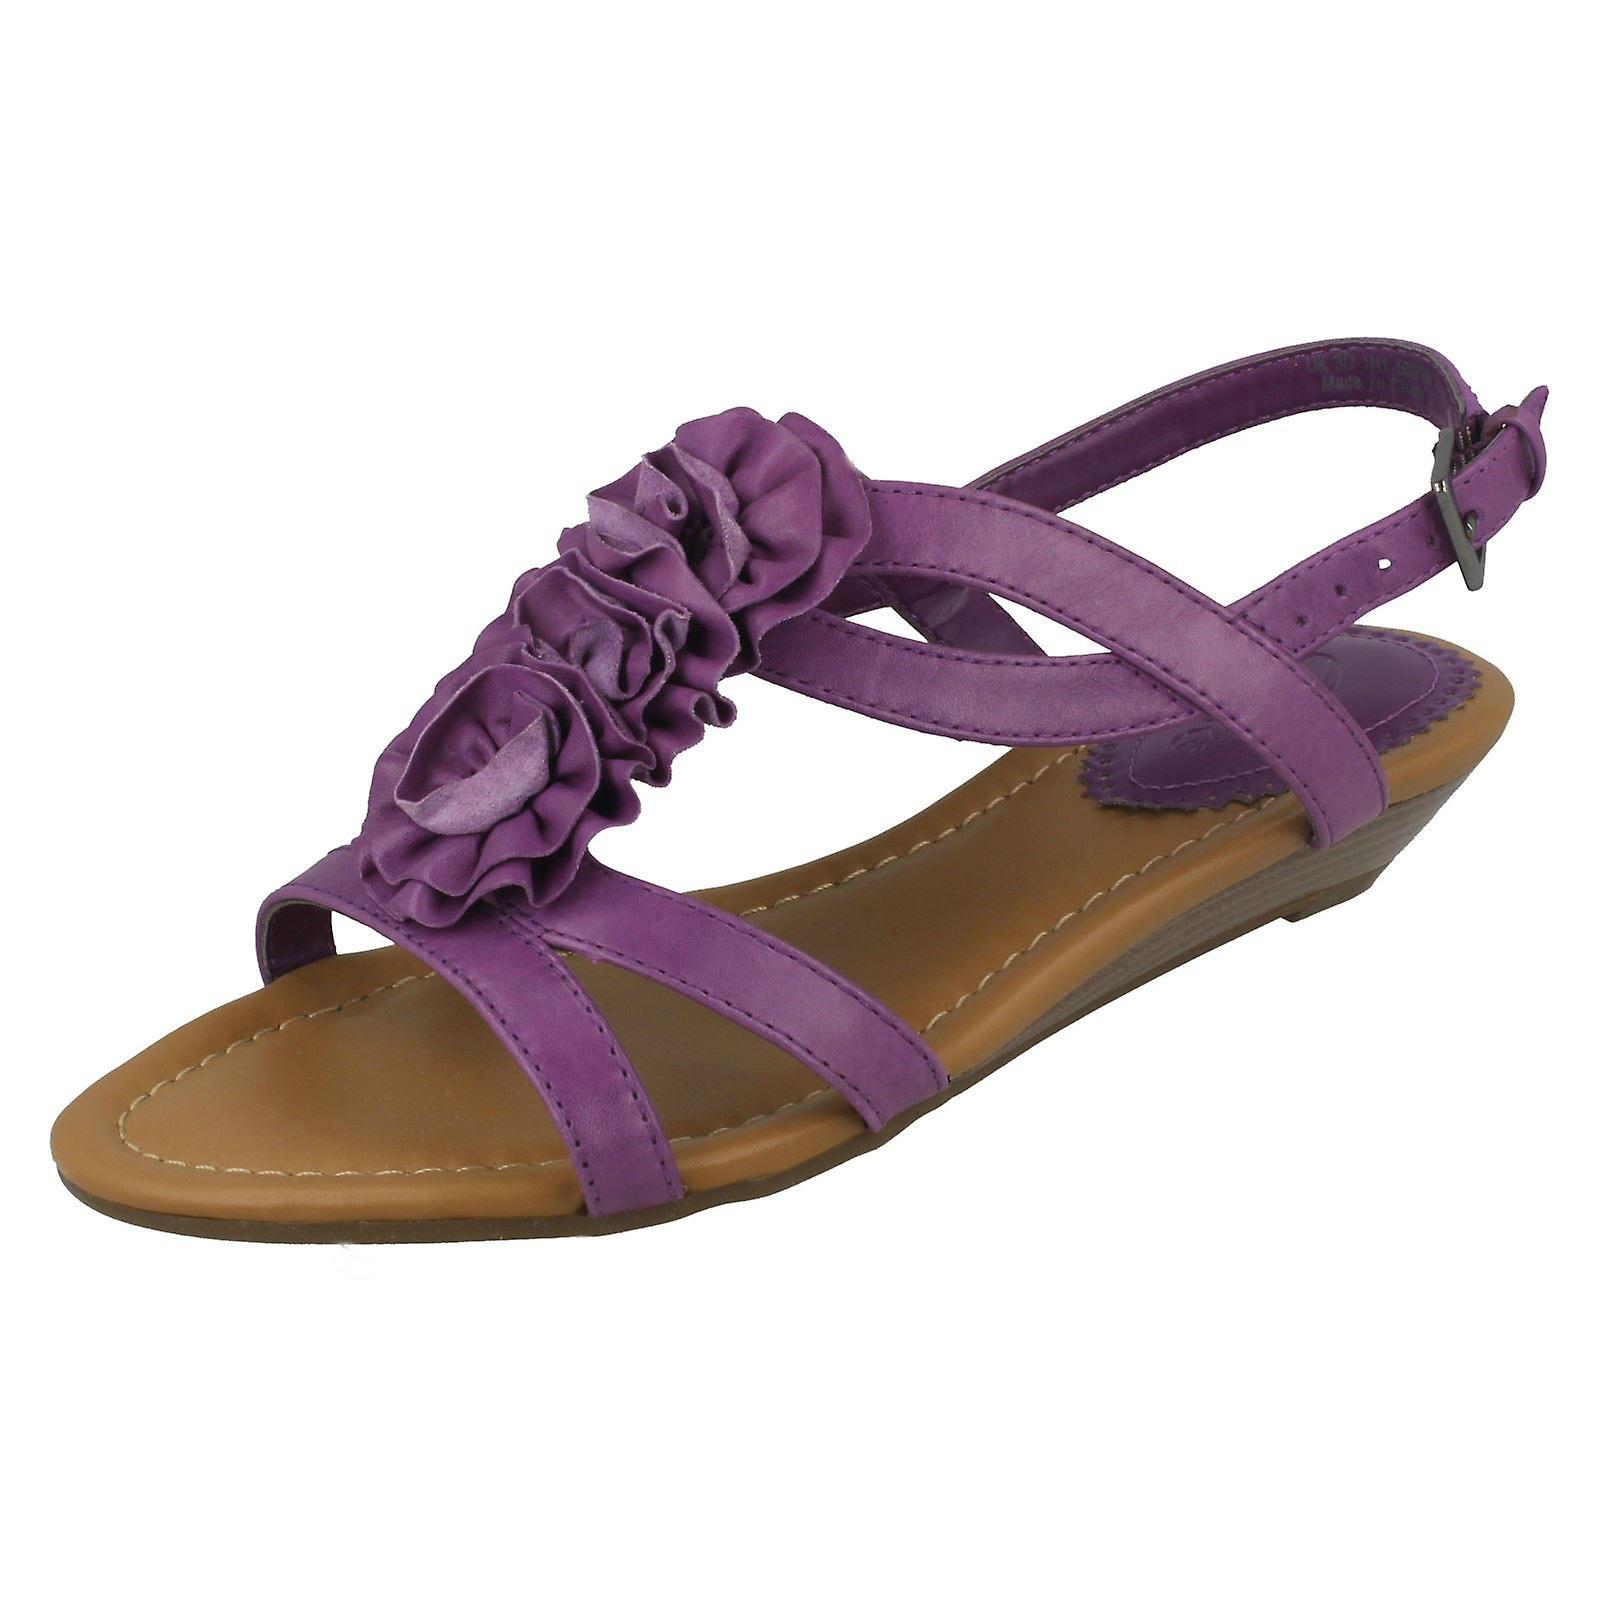 2e70e37eafb9 Damen Clarks Sandalen mit kleinen Keil Ferse Santa Rock   Fruugo